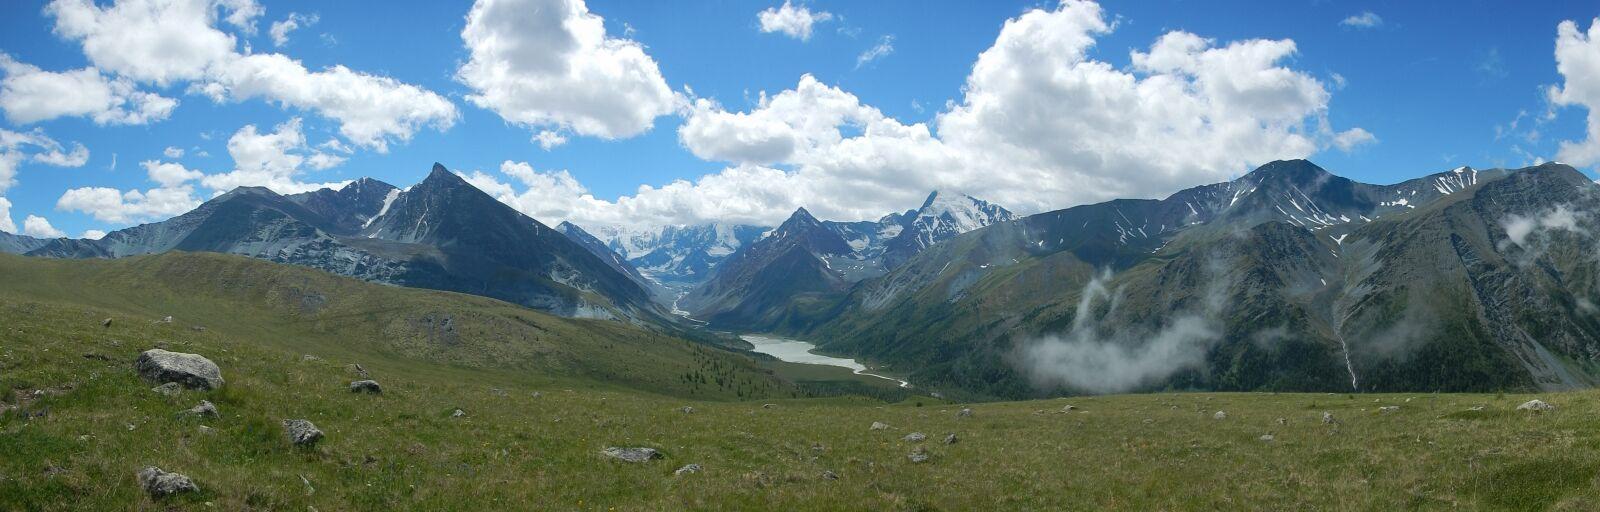 """Nikon Coolpix AW120 sample photo. """"Mountain altai, mountains, landscape"""" photography"""